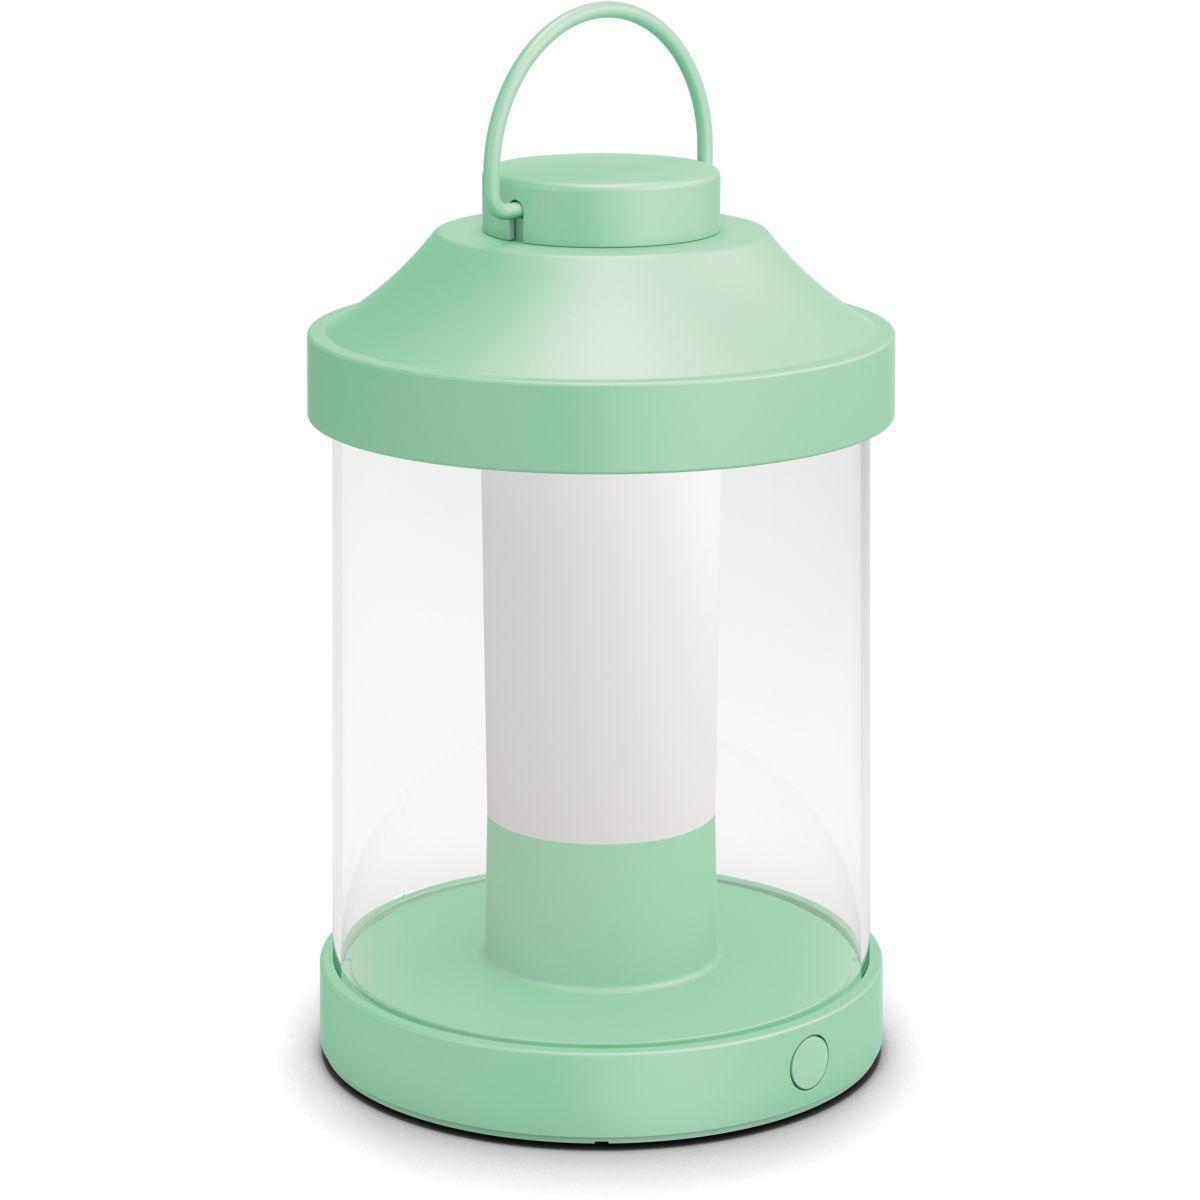 Lanterne philips portable abelia - vert p�le - 7% de remise imm�diate avec le code : school7 (photo)